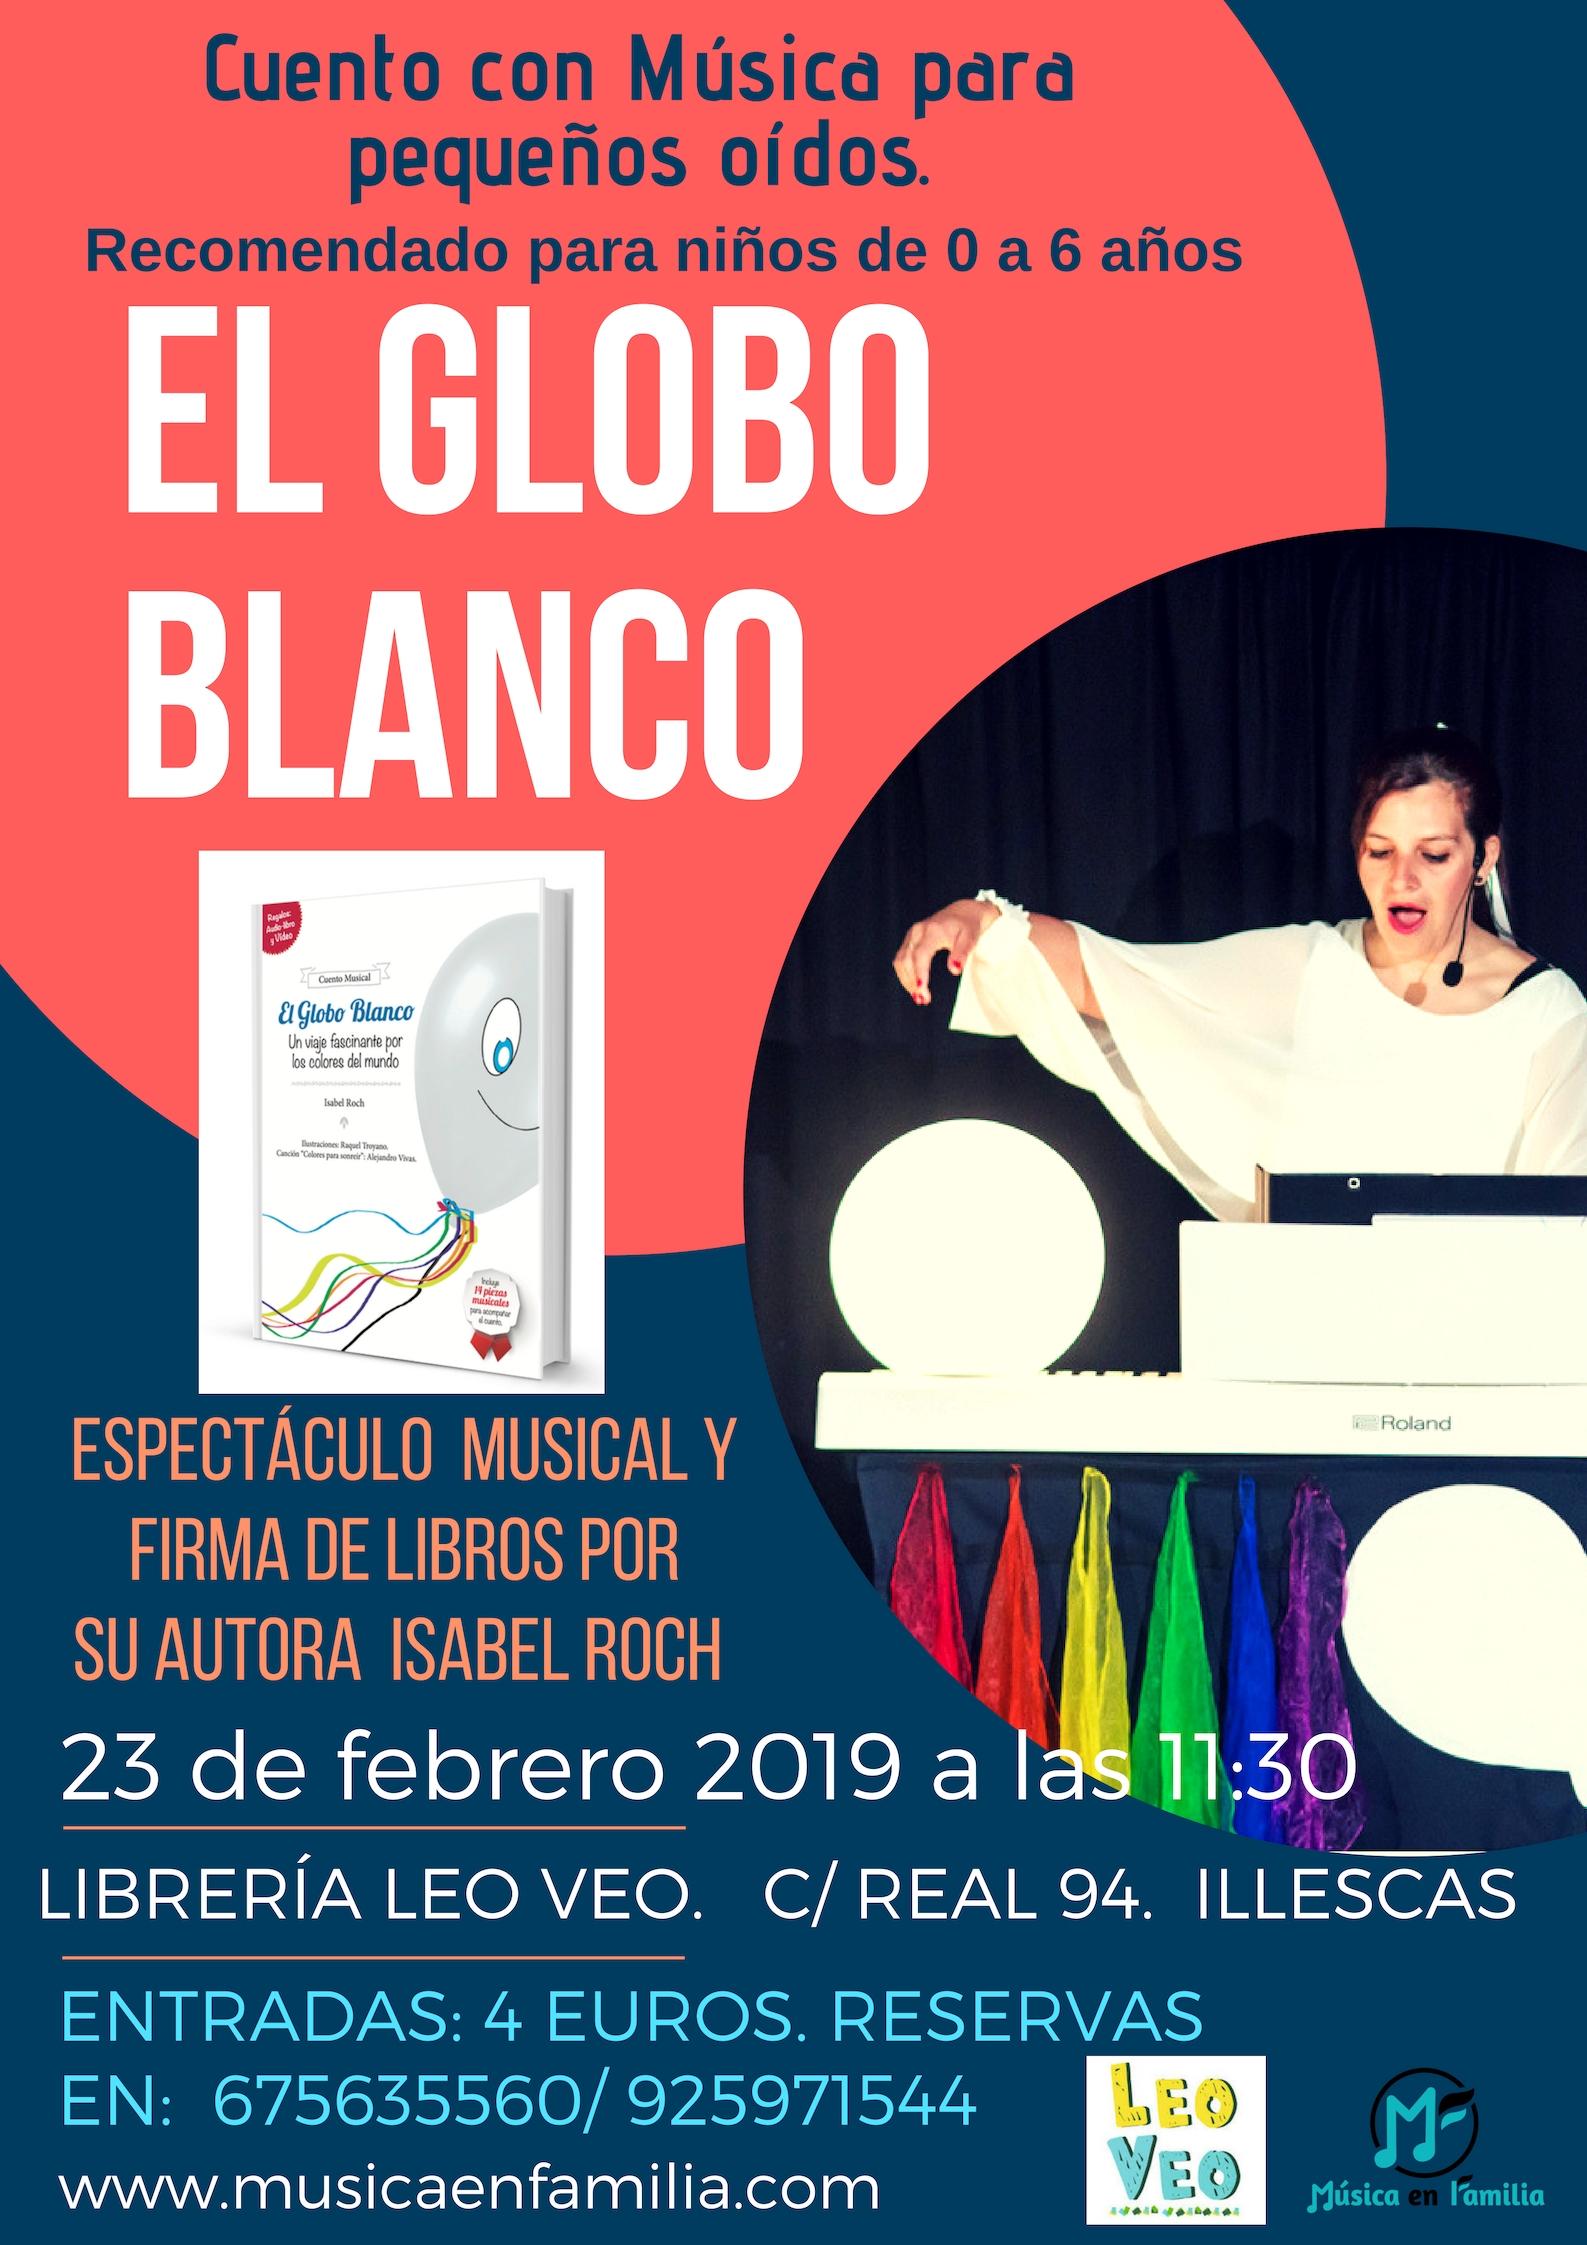 EL GLOBO BLANCO. 23 de febrero 19 en Leo Veo Illescas